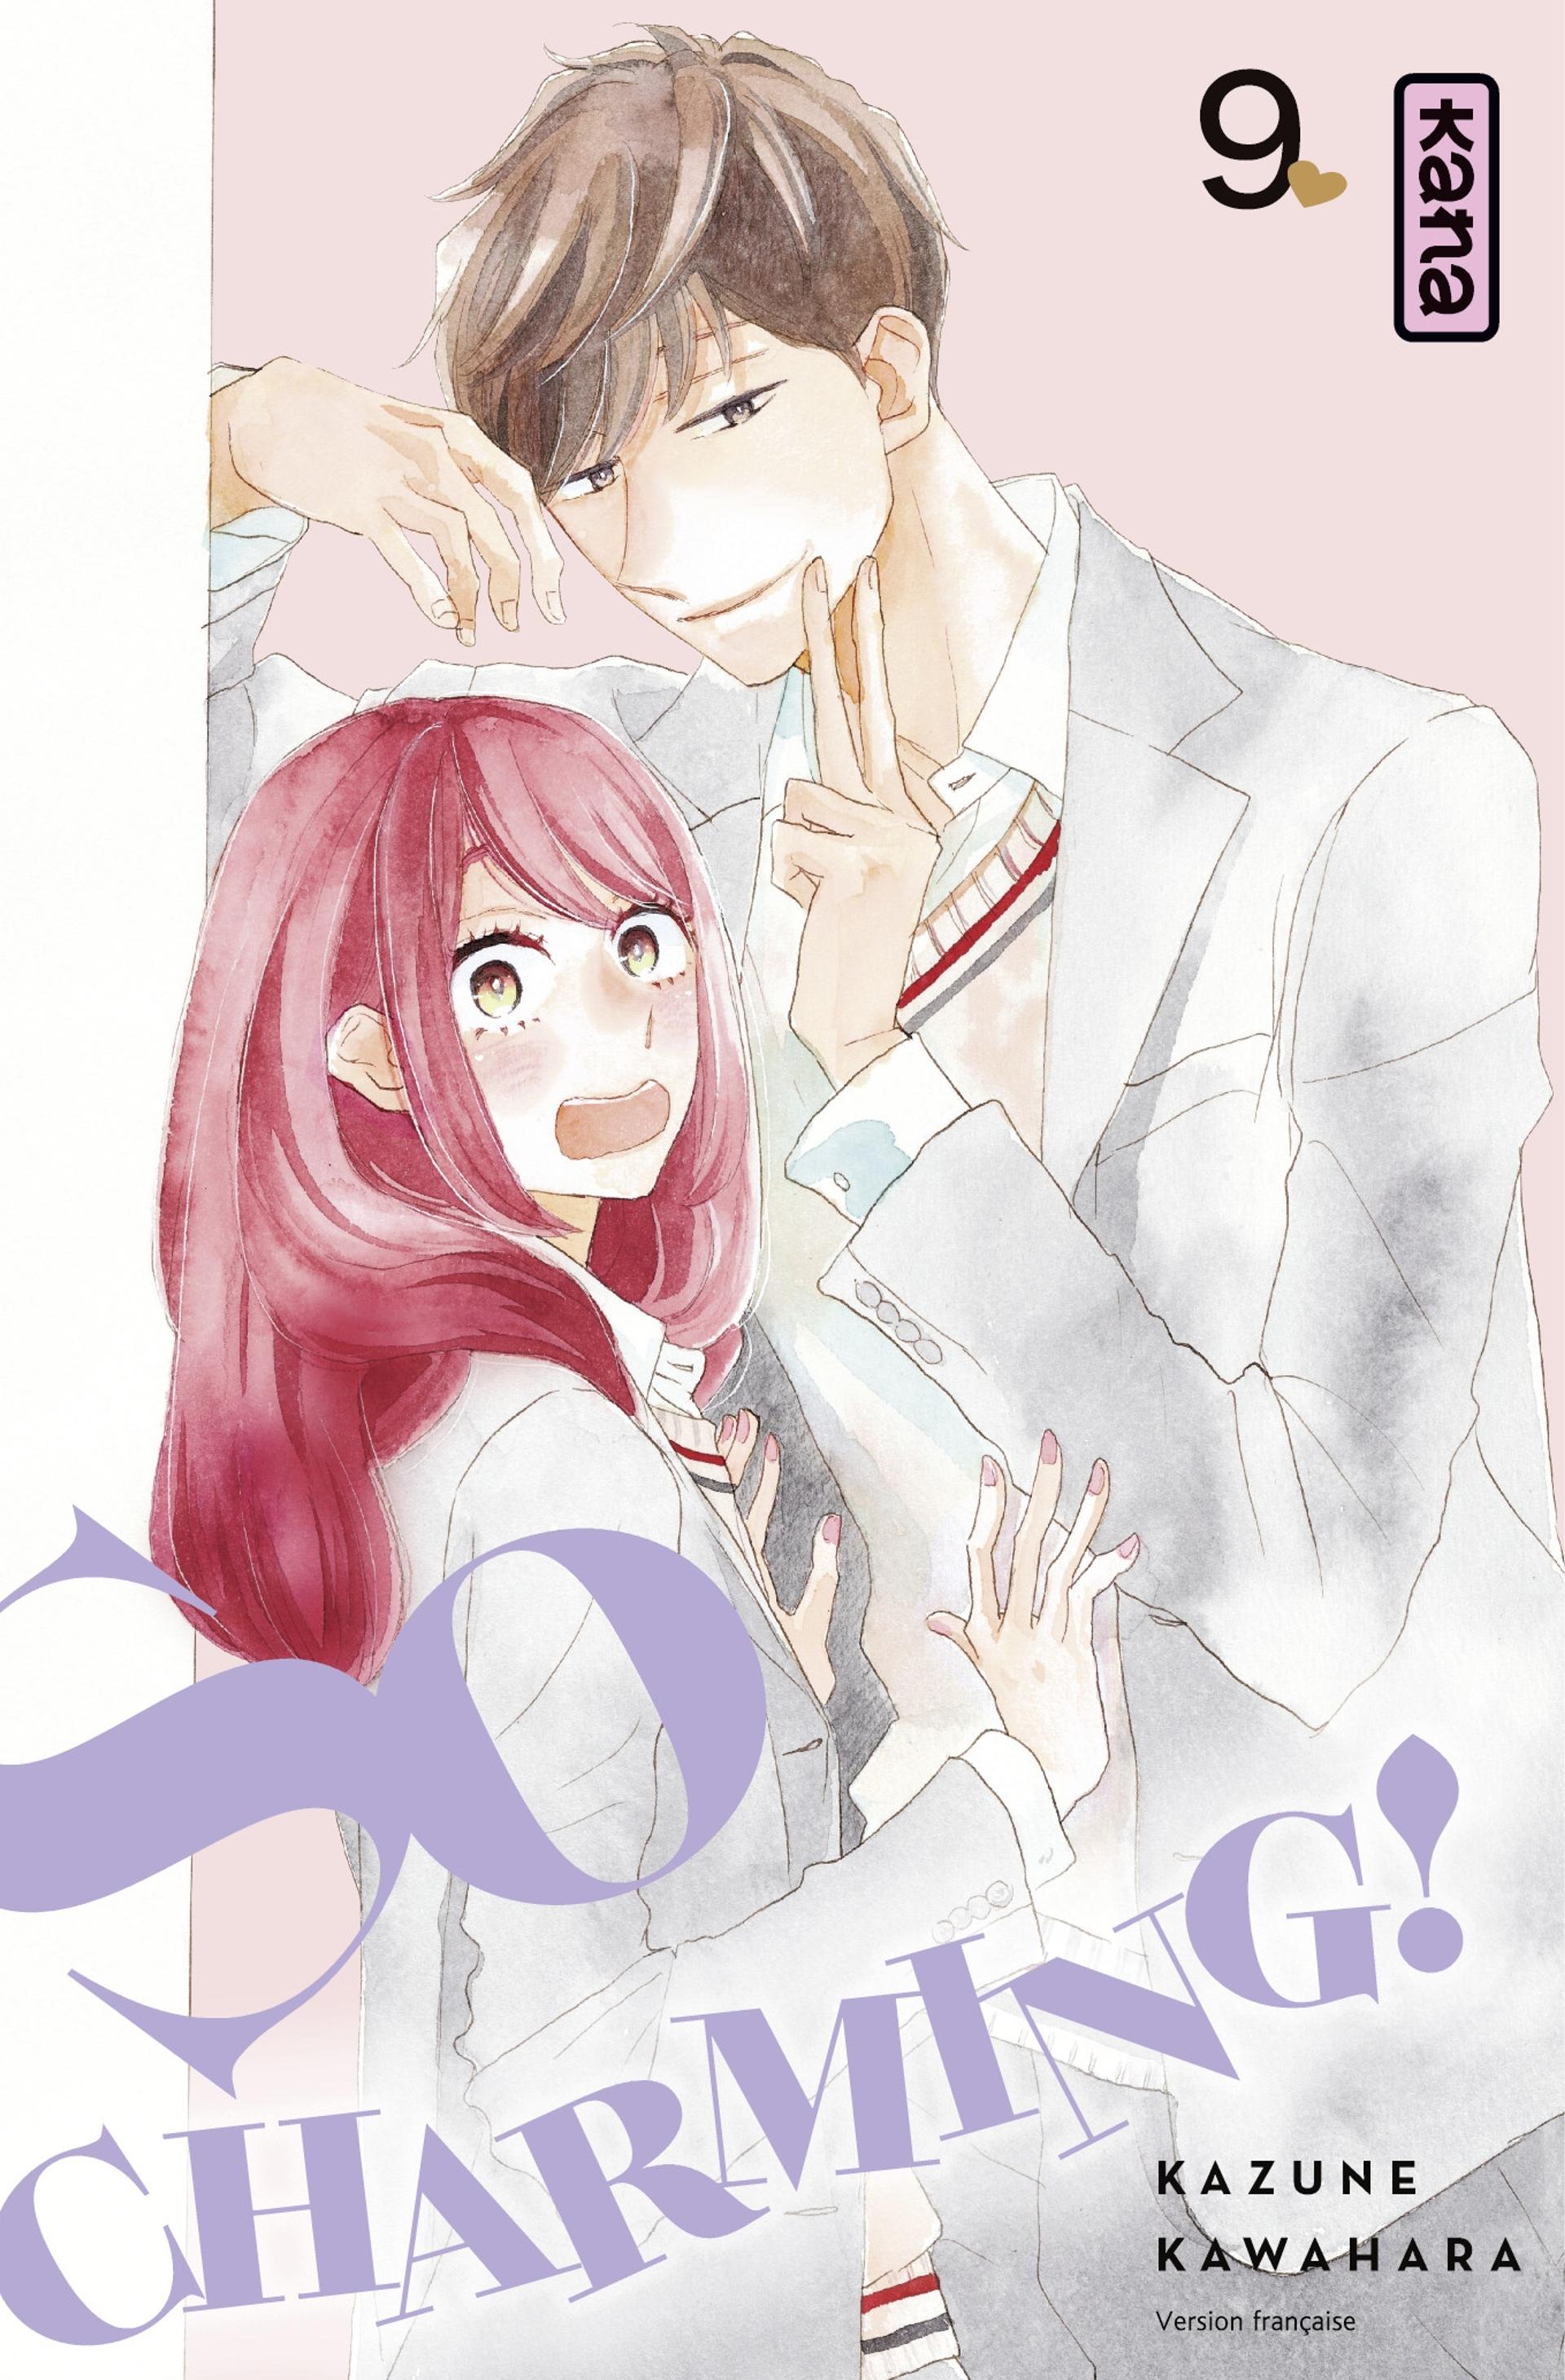 So charming ! 9